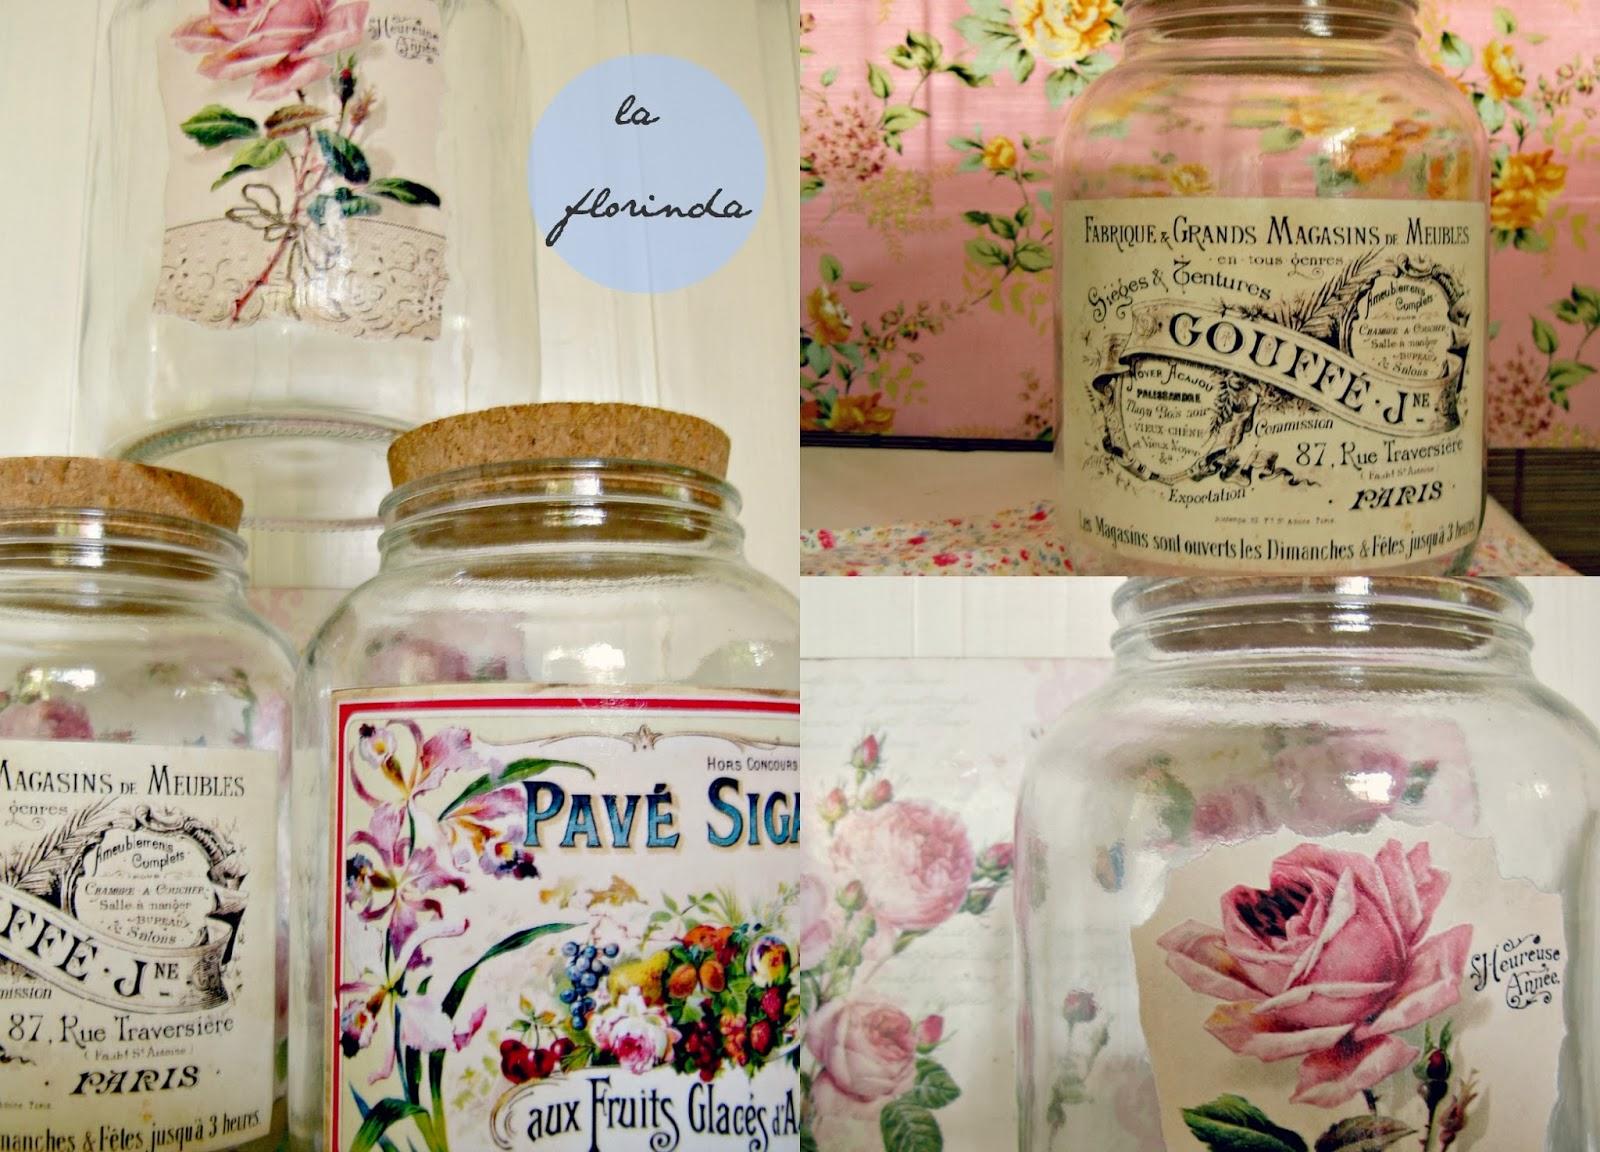 tienda la florinda frascos grandes decorados vintage